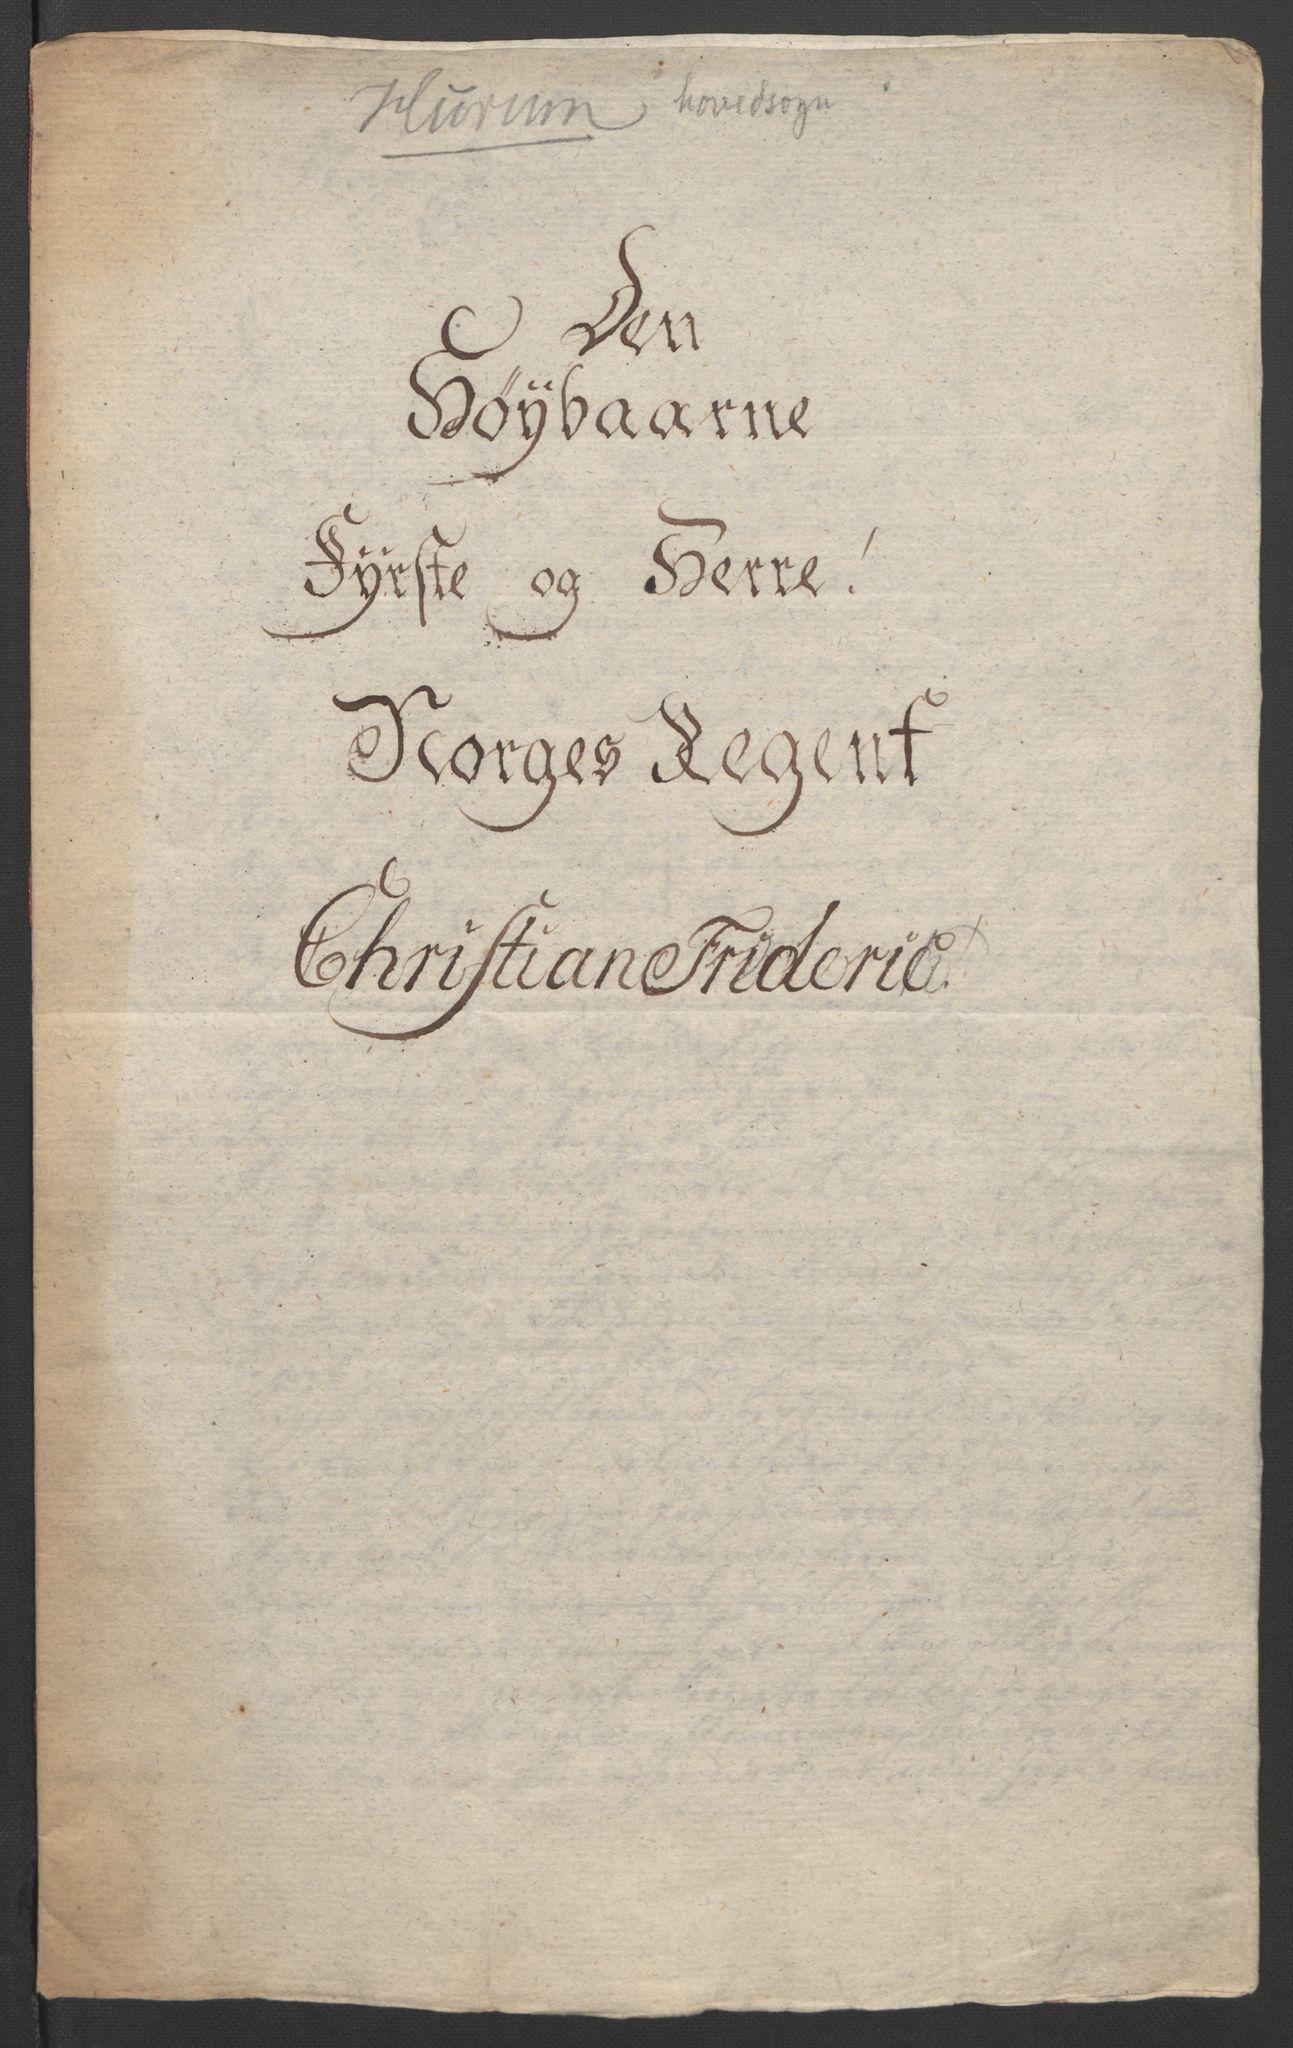 RA, Statsrådssekretariatet, D/Db/L0007: Fullmakter for Eidsvollsrepresentantene i 1814. , 1814, s. 316